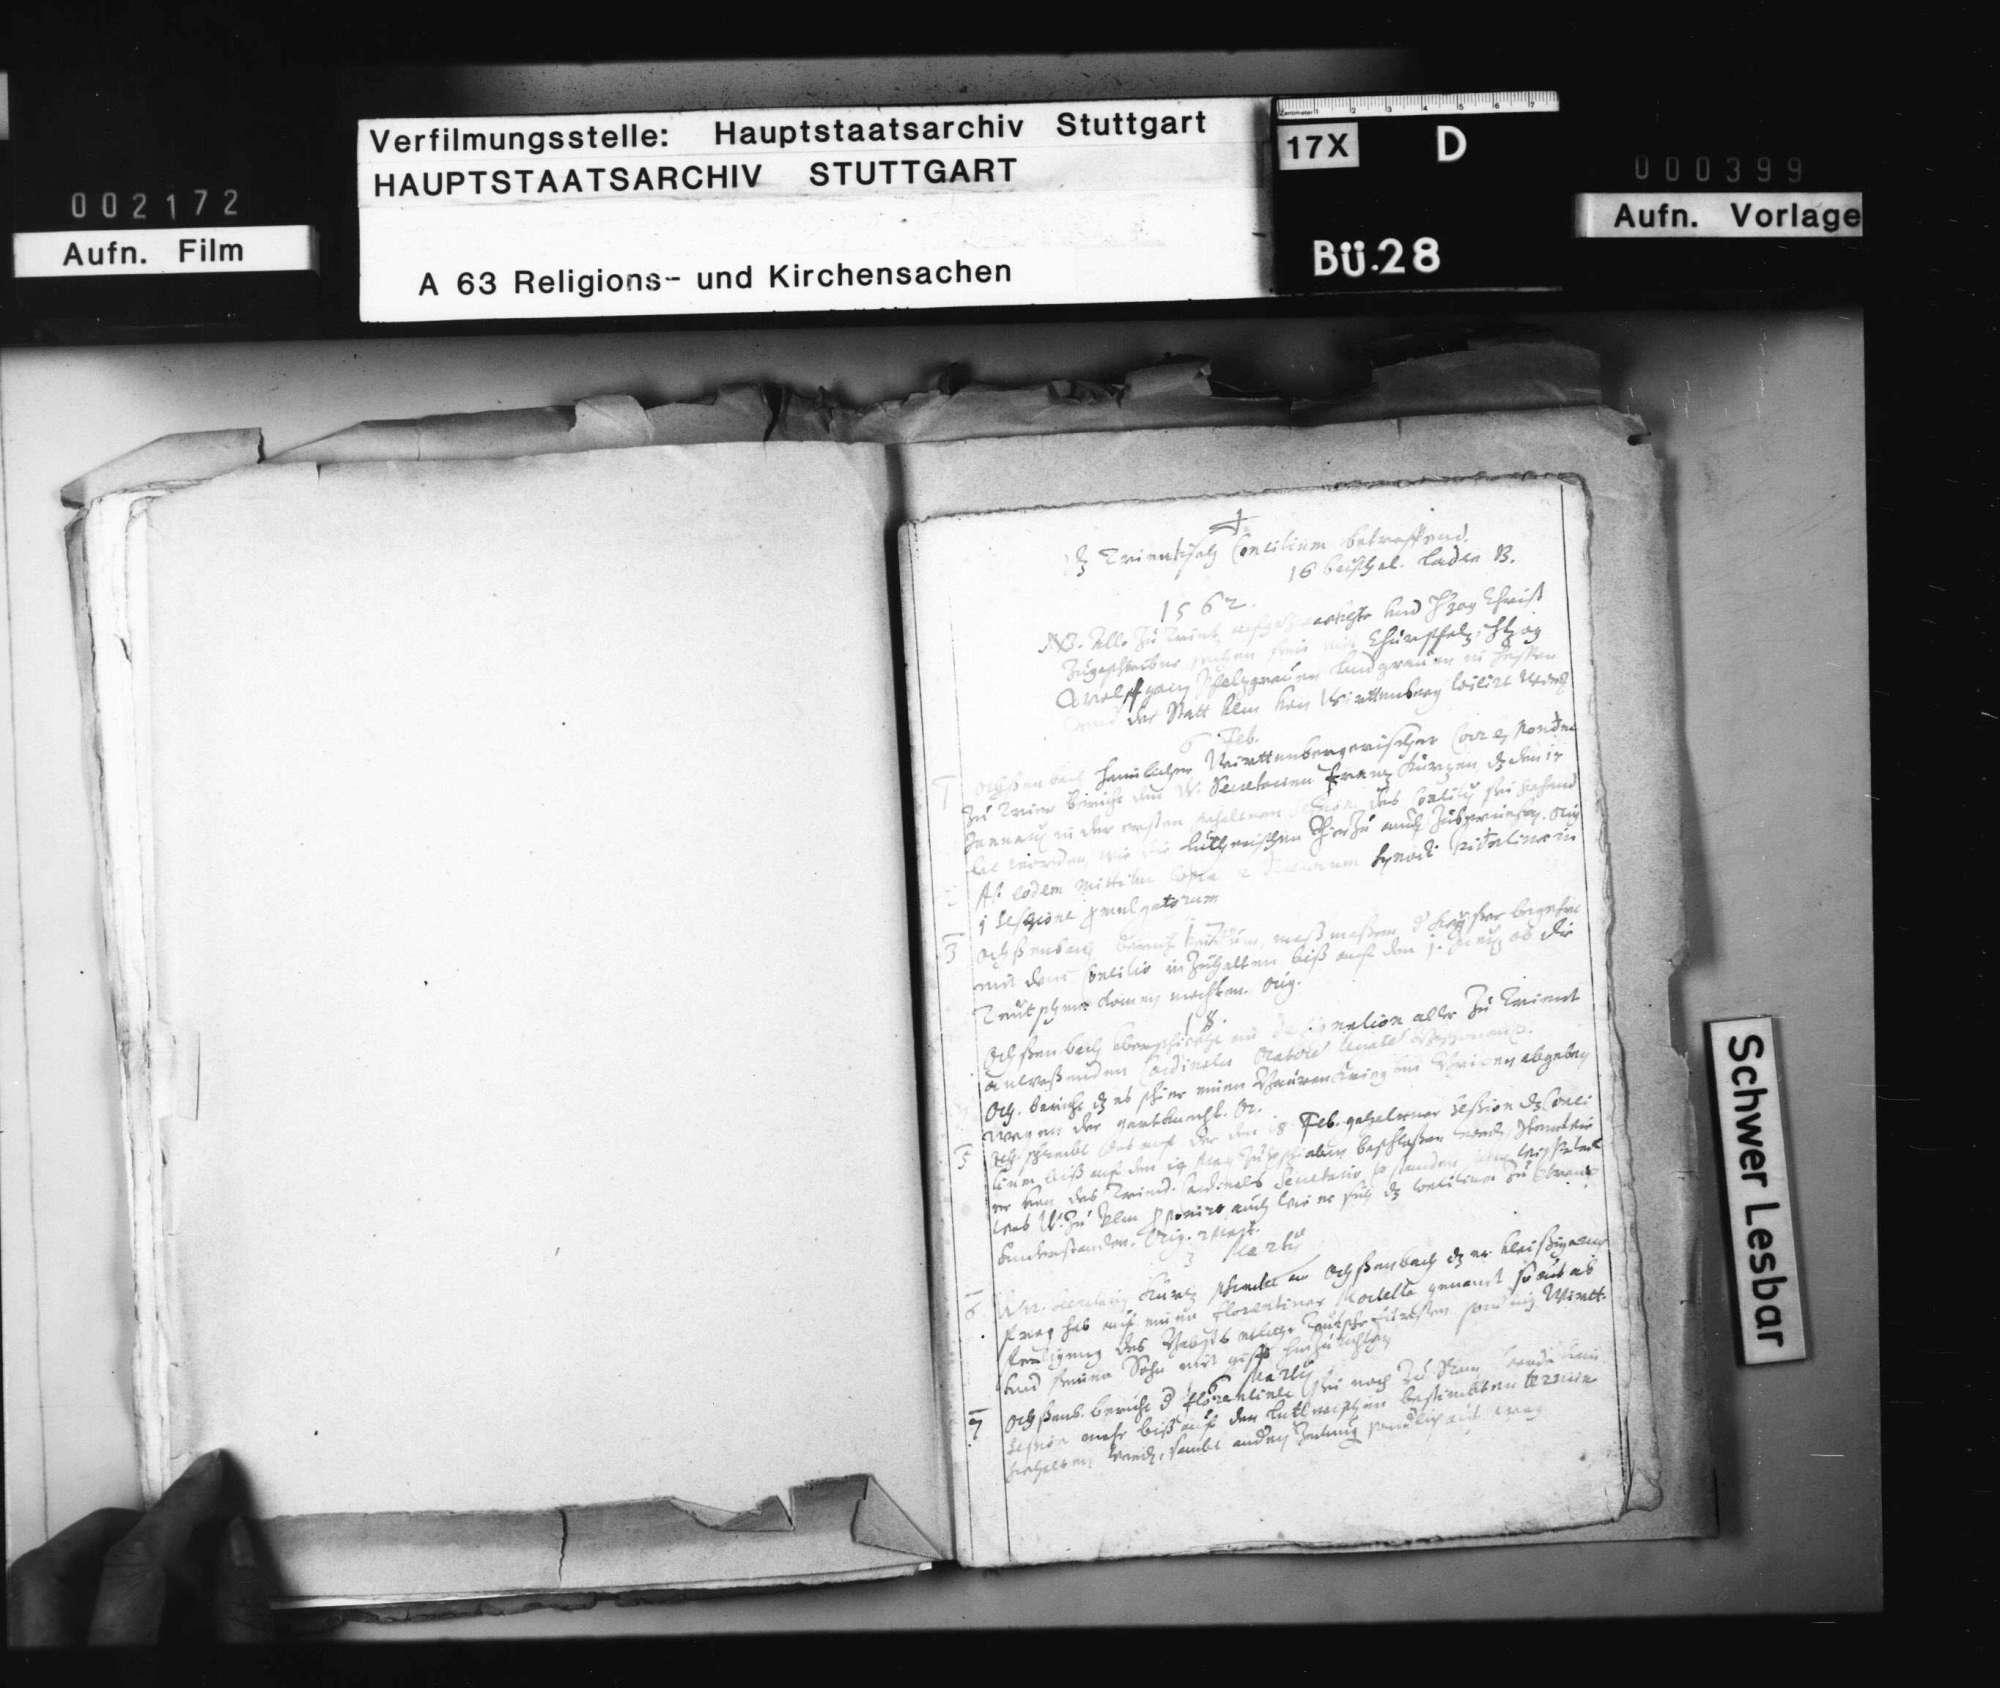 Aktenverzeichnis zu den Berichten des geheimen württembergischen Korrespondenten in Wien, Ochsenbach., Bild 2